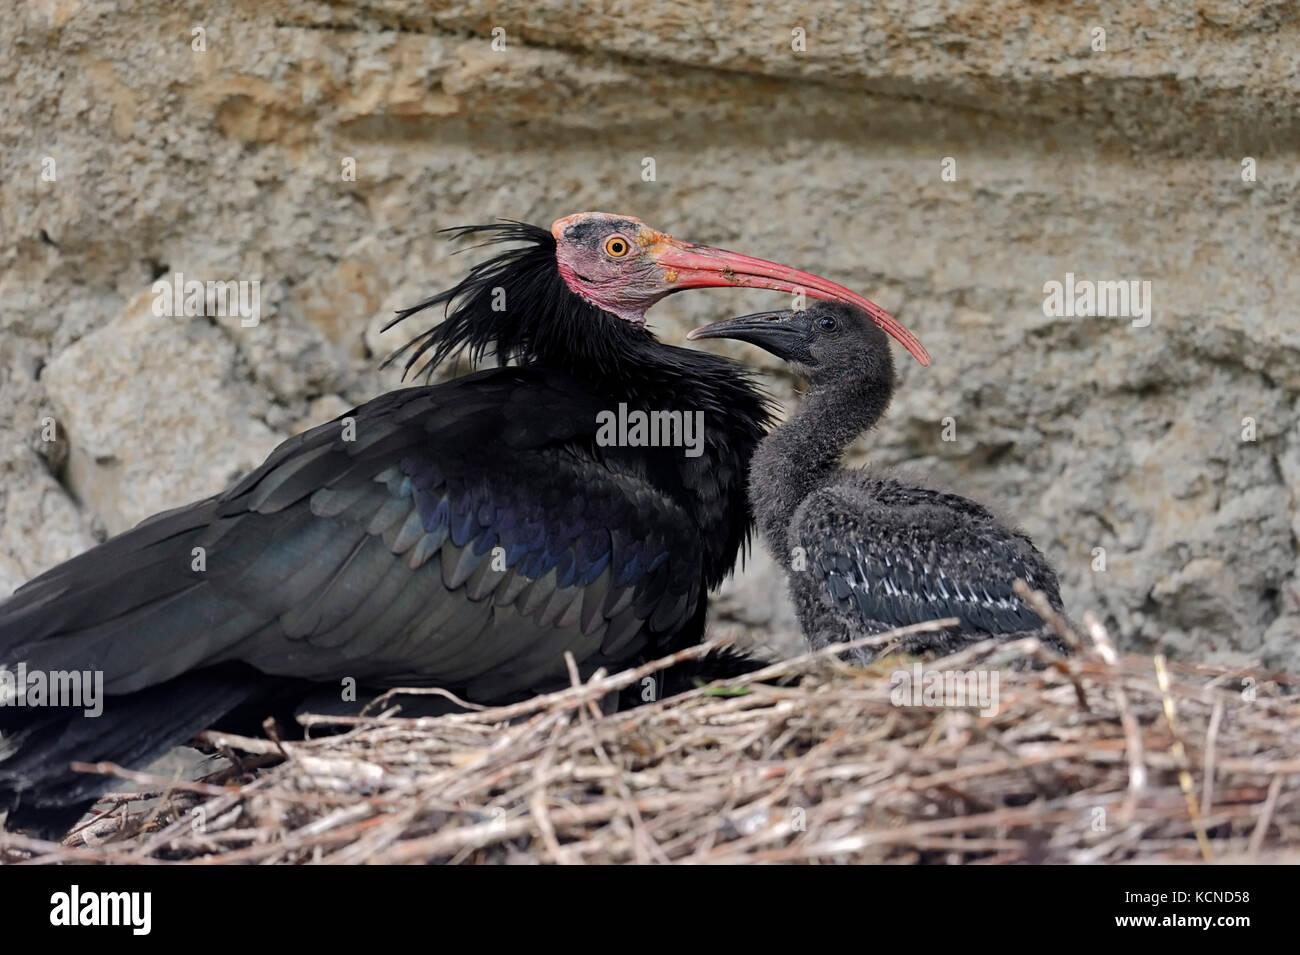 Northern Bald Ibis with chick at nest / (Geronticus eremita) | Waldrapp mit Kueken im Nest / (Geronticus eremita) - Stock Image